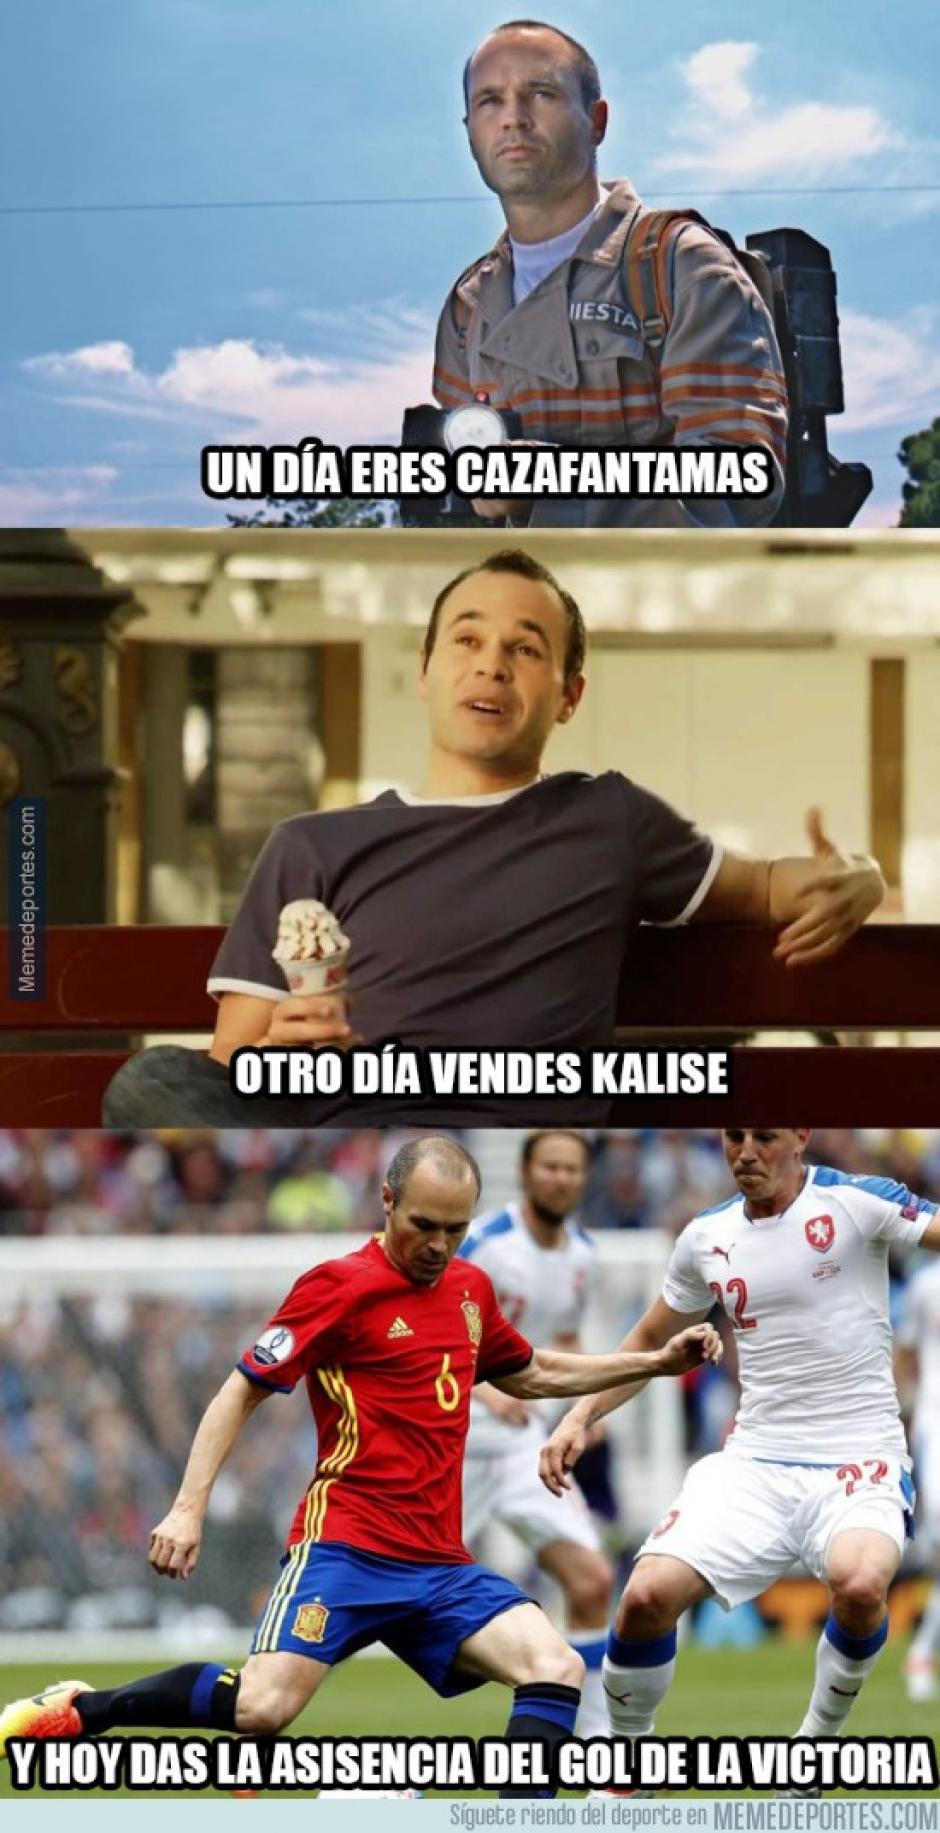 La versatilidad de Iniesta no se limita al fútbol. (Foto: memedeportes.com)